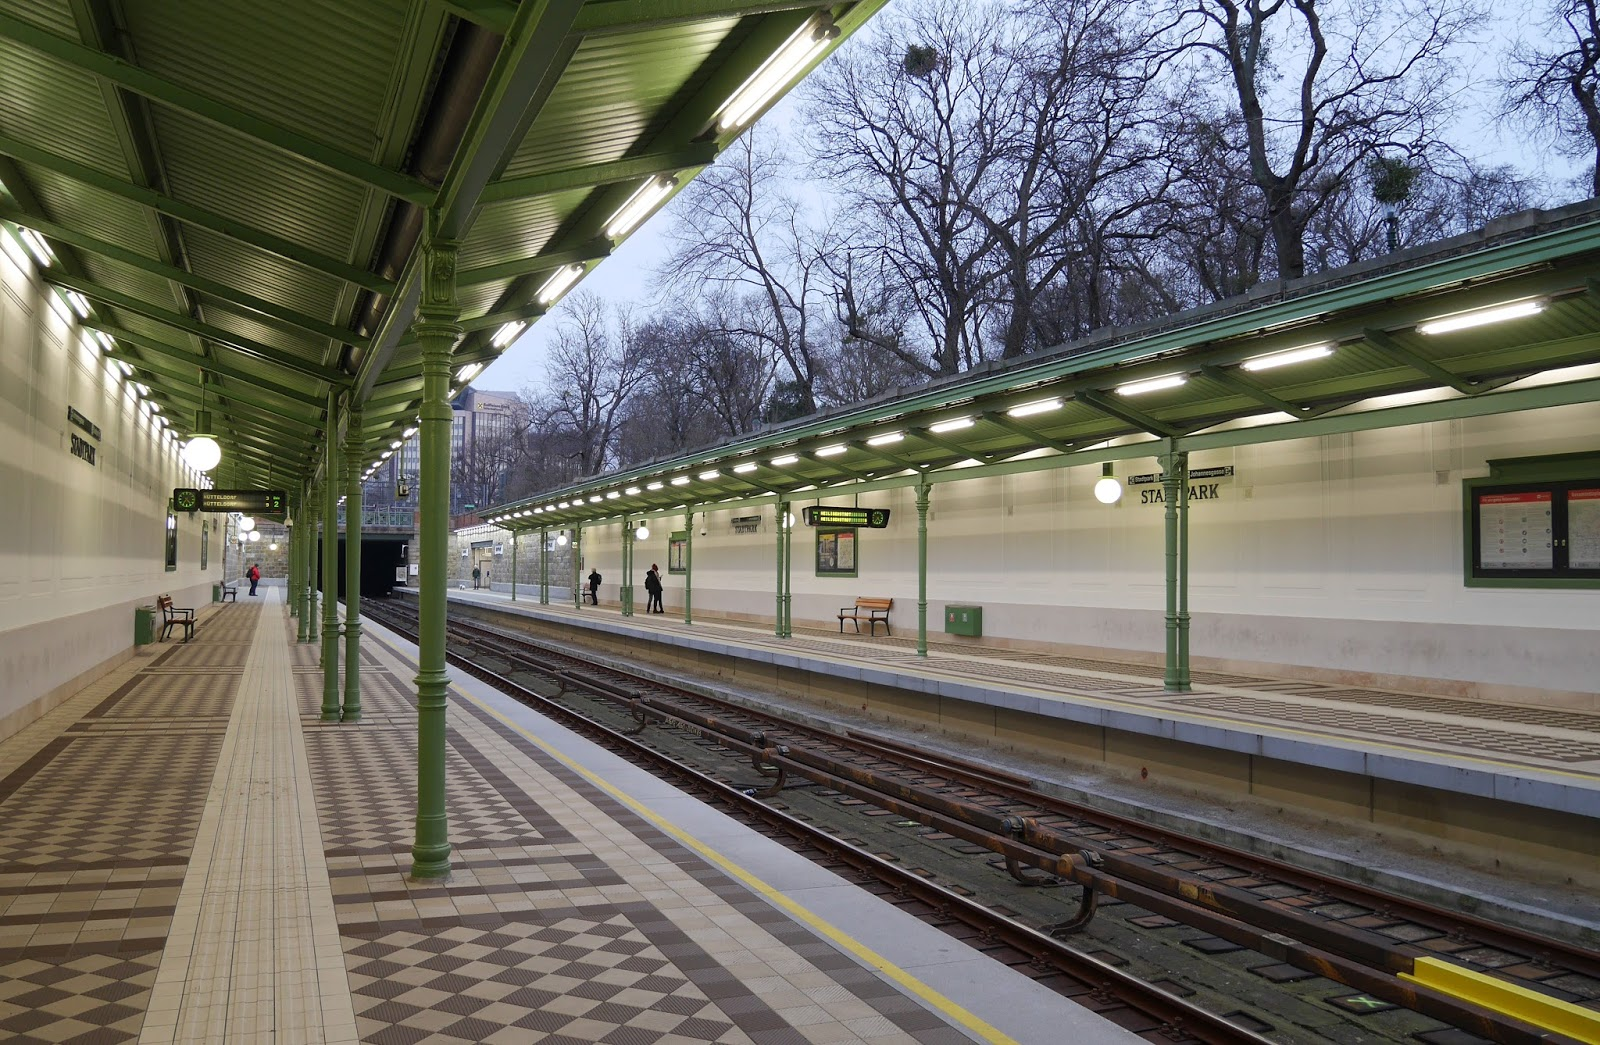 Stadtpark station in Vienna, Austria